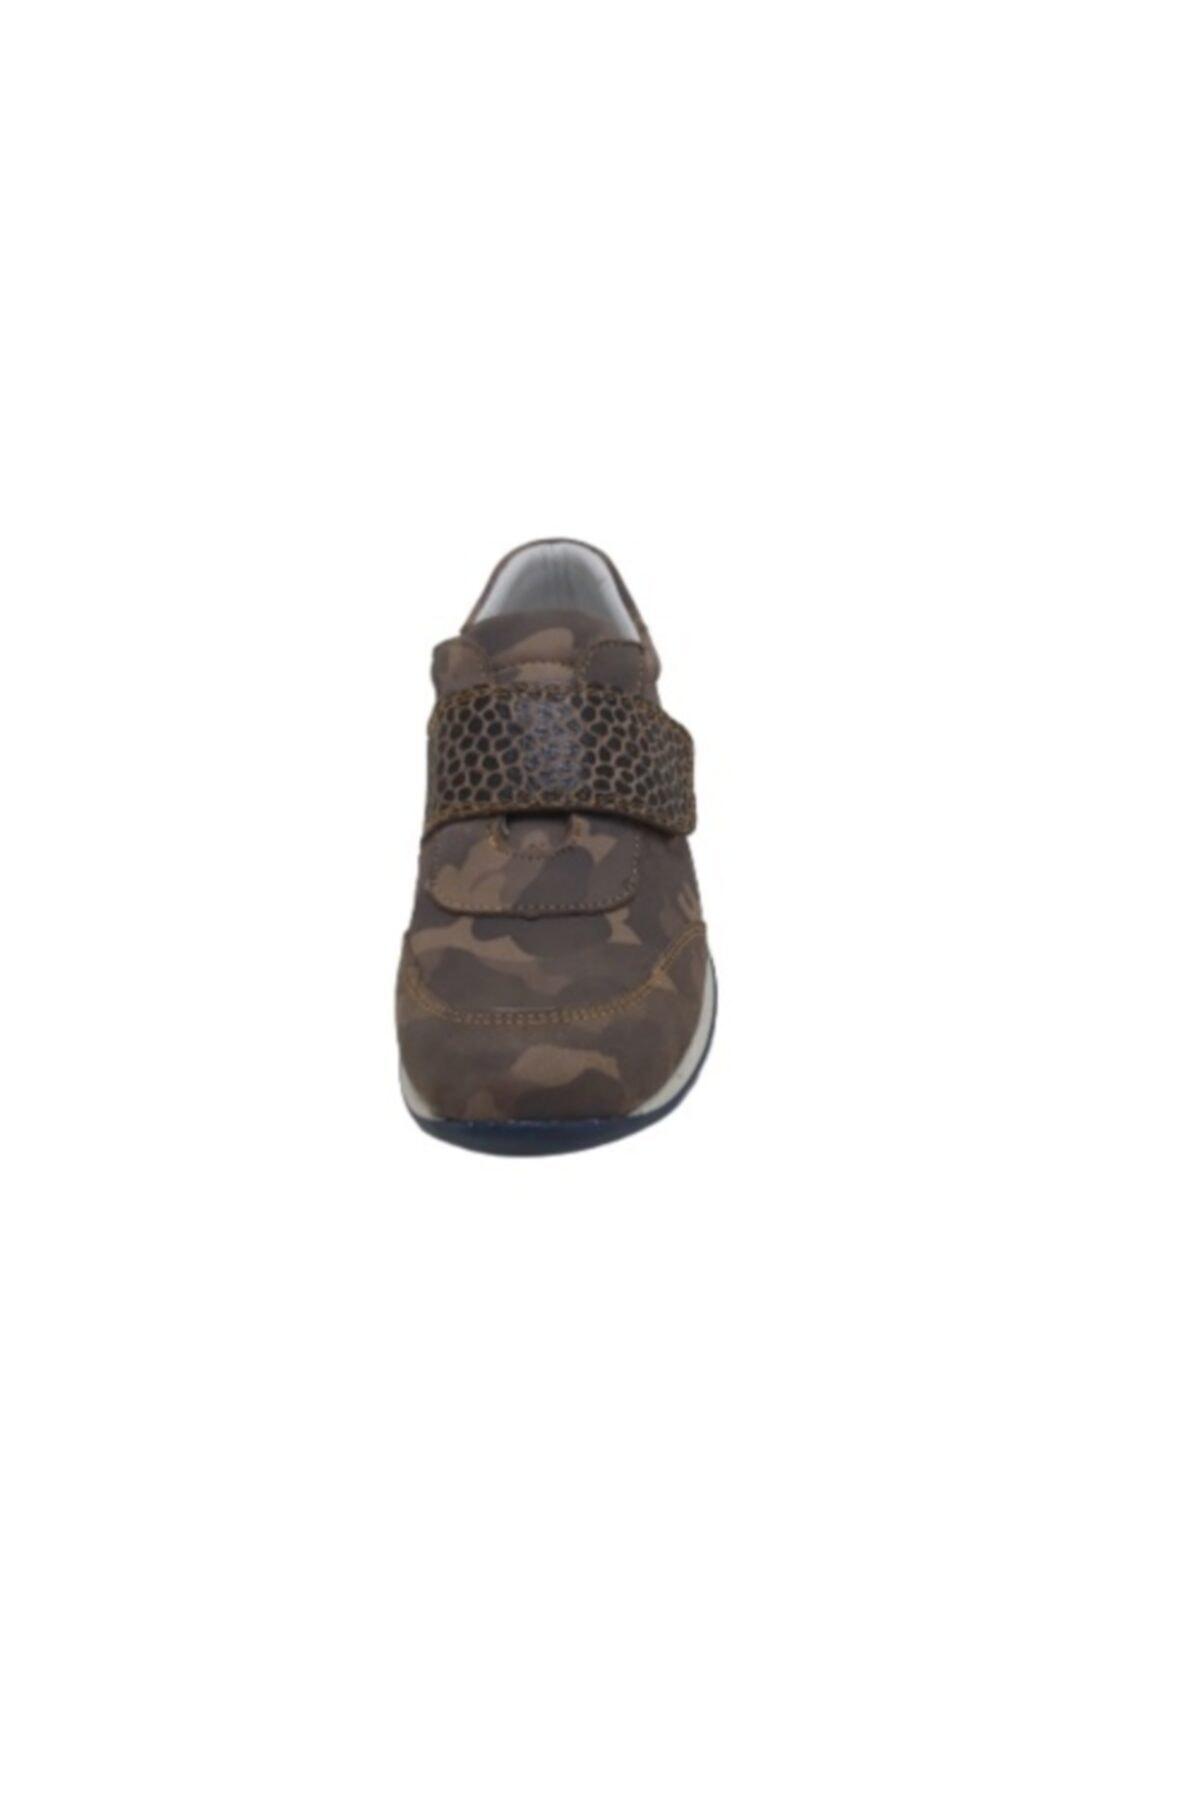 Denom Ortapedik Shoes Çocuk Spor Ayakkabı 2